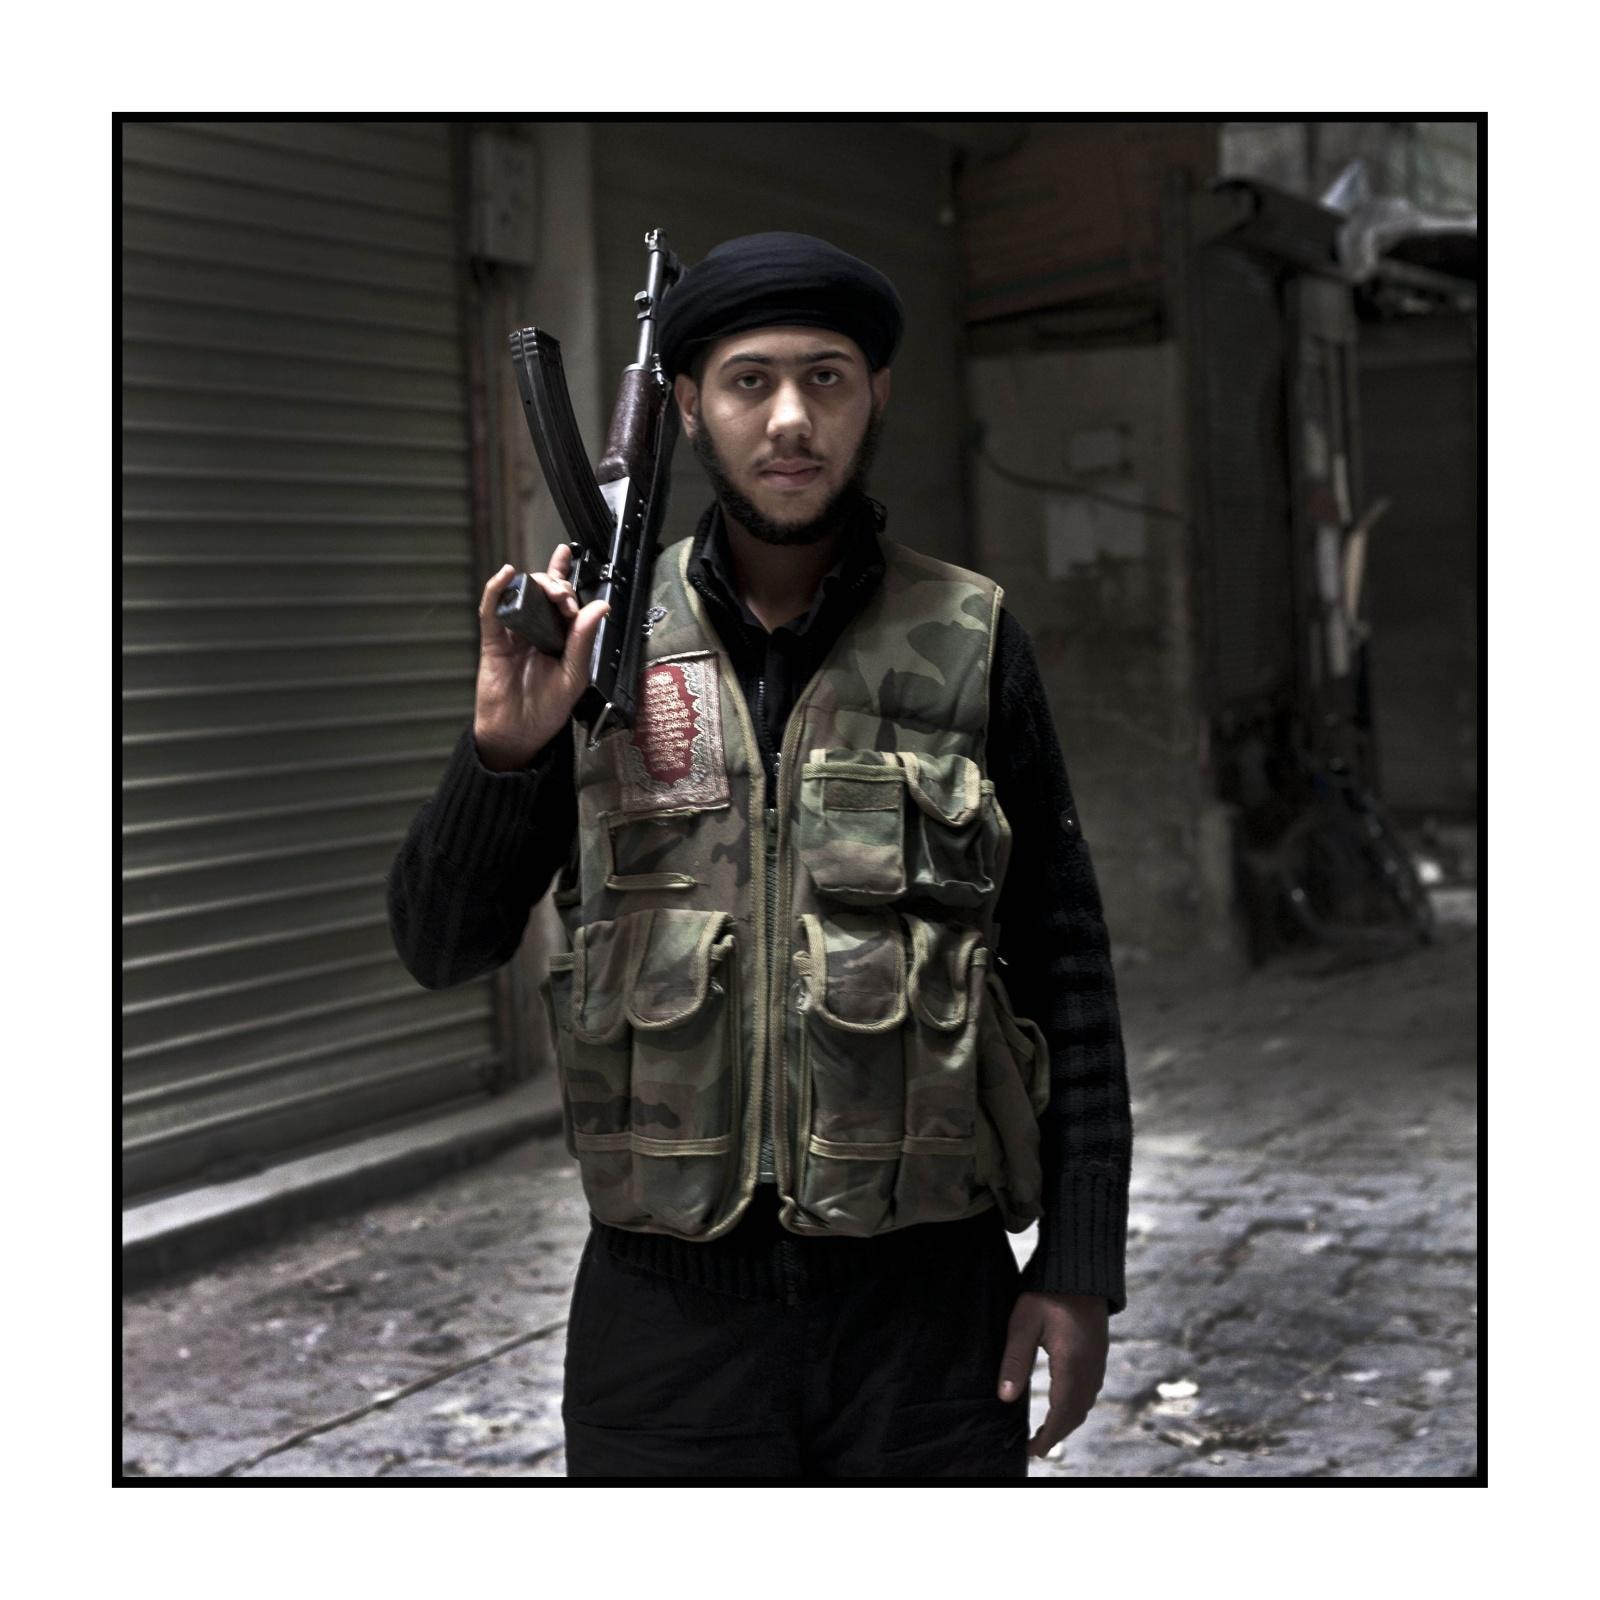 Syria, Aleppo - Syria, Aleppo - Prima linea del fronte nel quartiere della grande moschea - Giovane Mujaheddin di Free Syrian Army